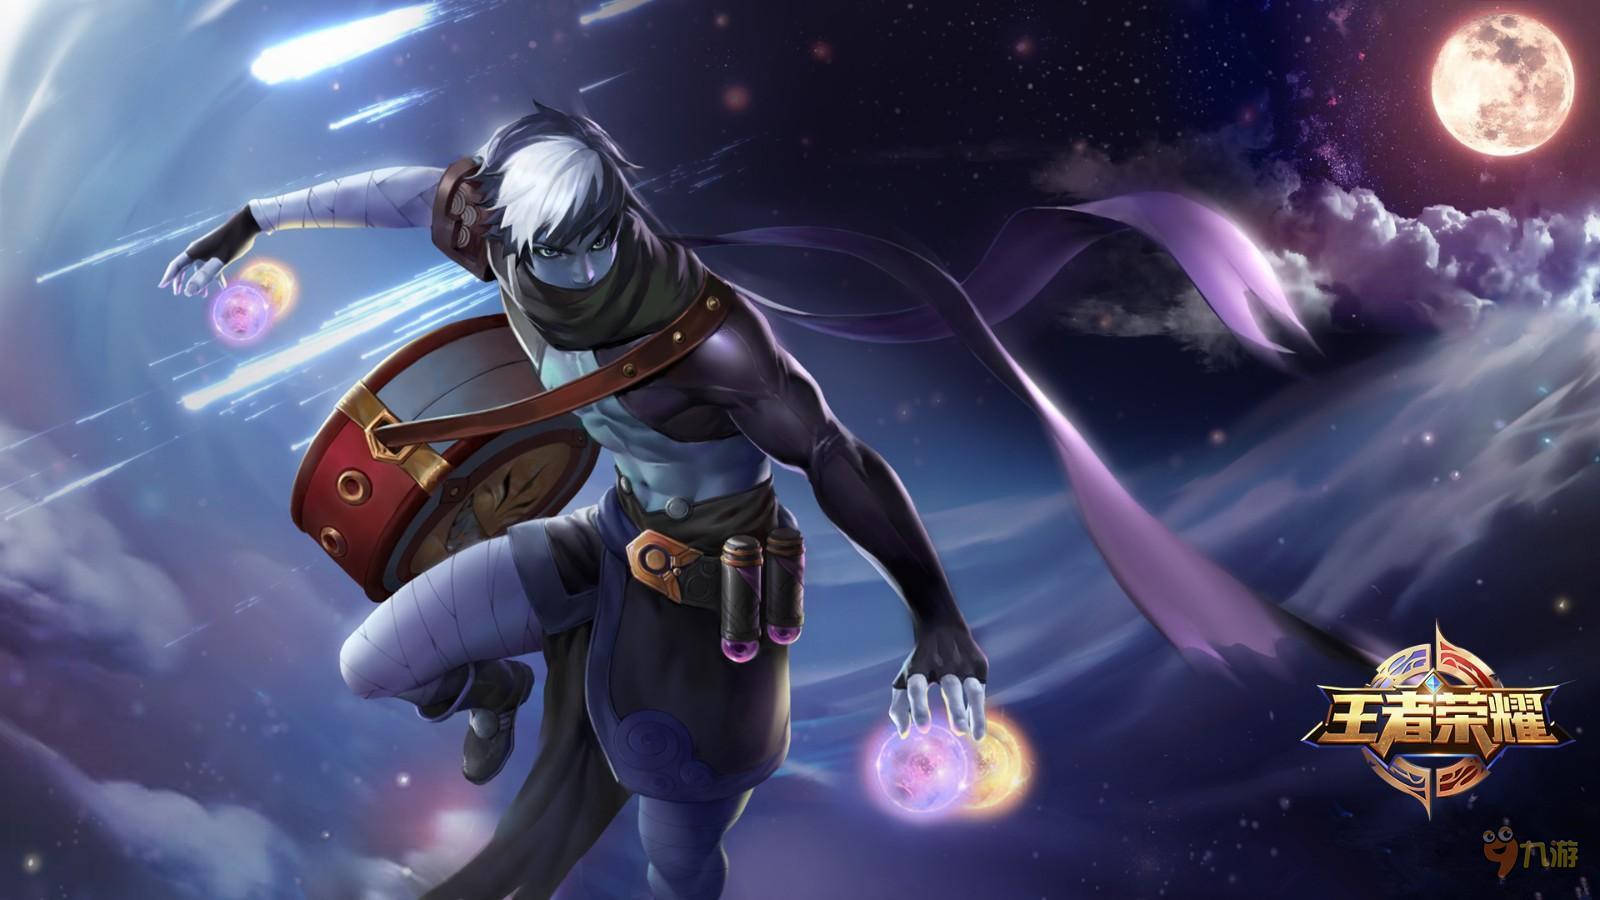 《王者荣耀》神医扁鹊被无视的超强辅助 王者荣耀资讯 第1张